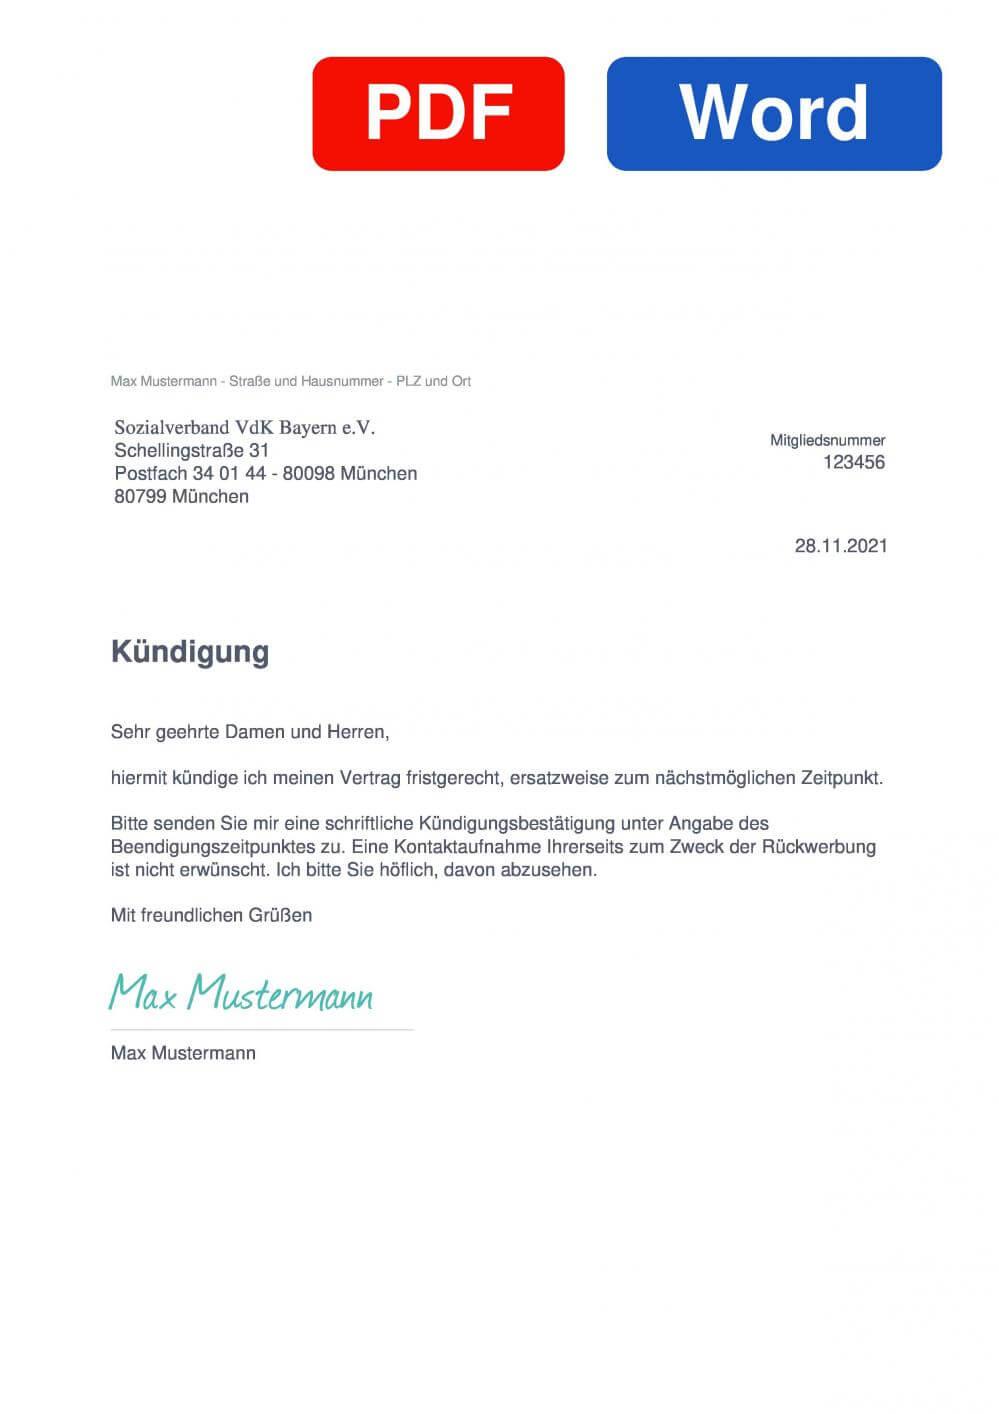 VdK Bayern kündigen - Muster Vorlage zur Kündigung